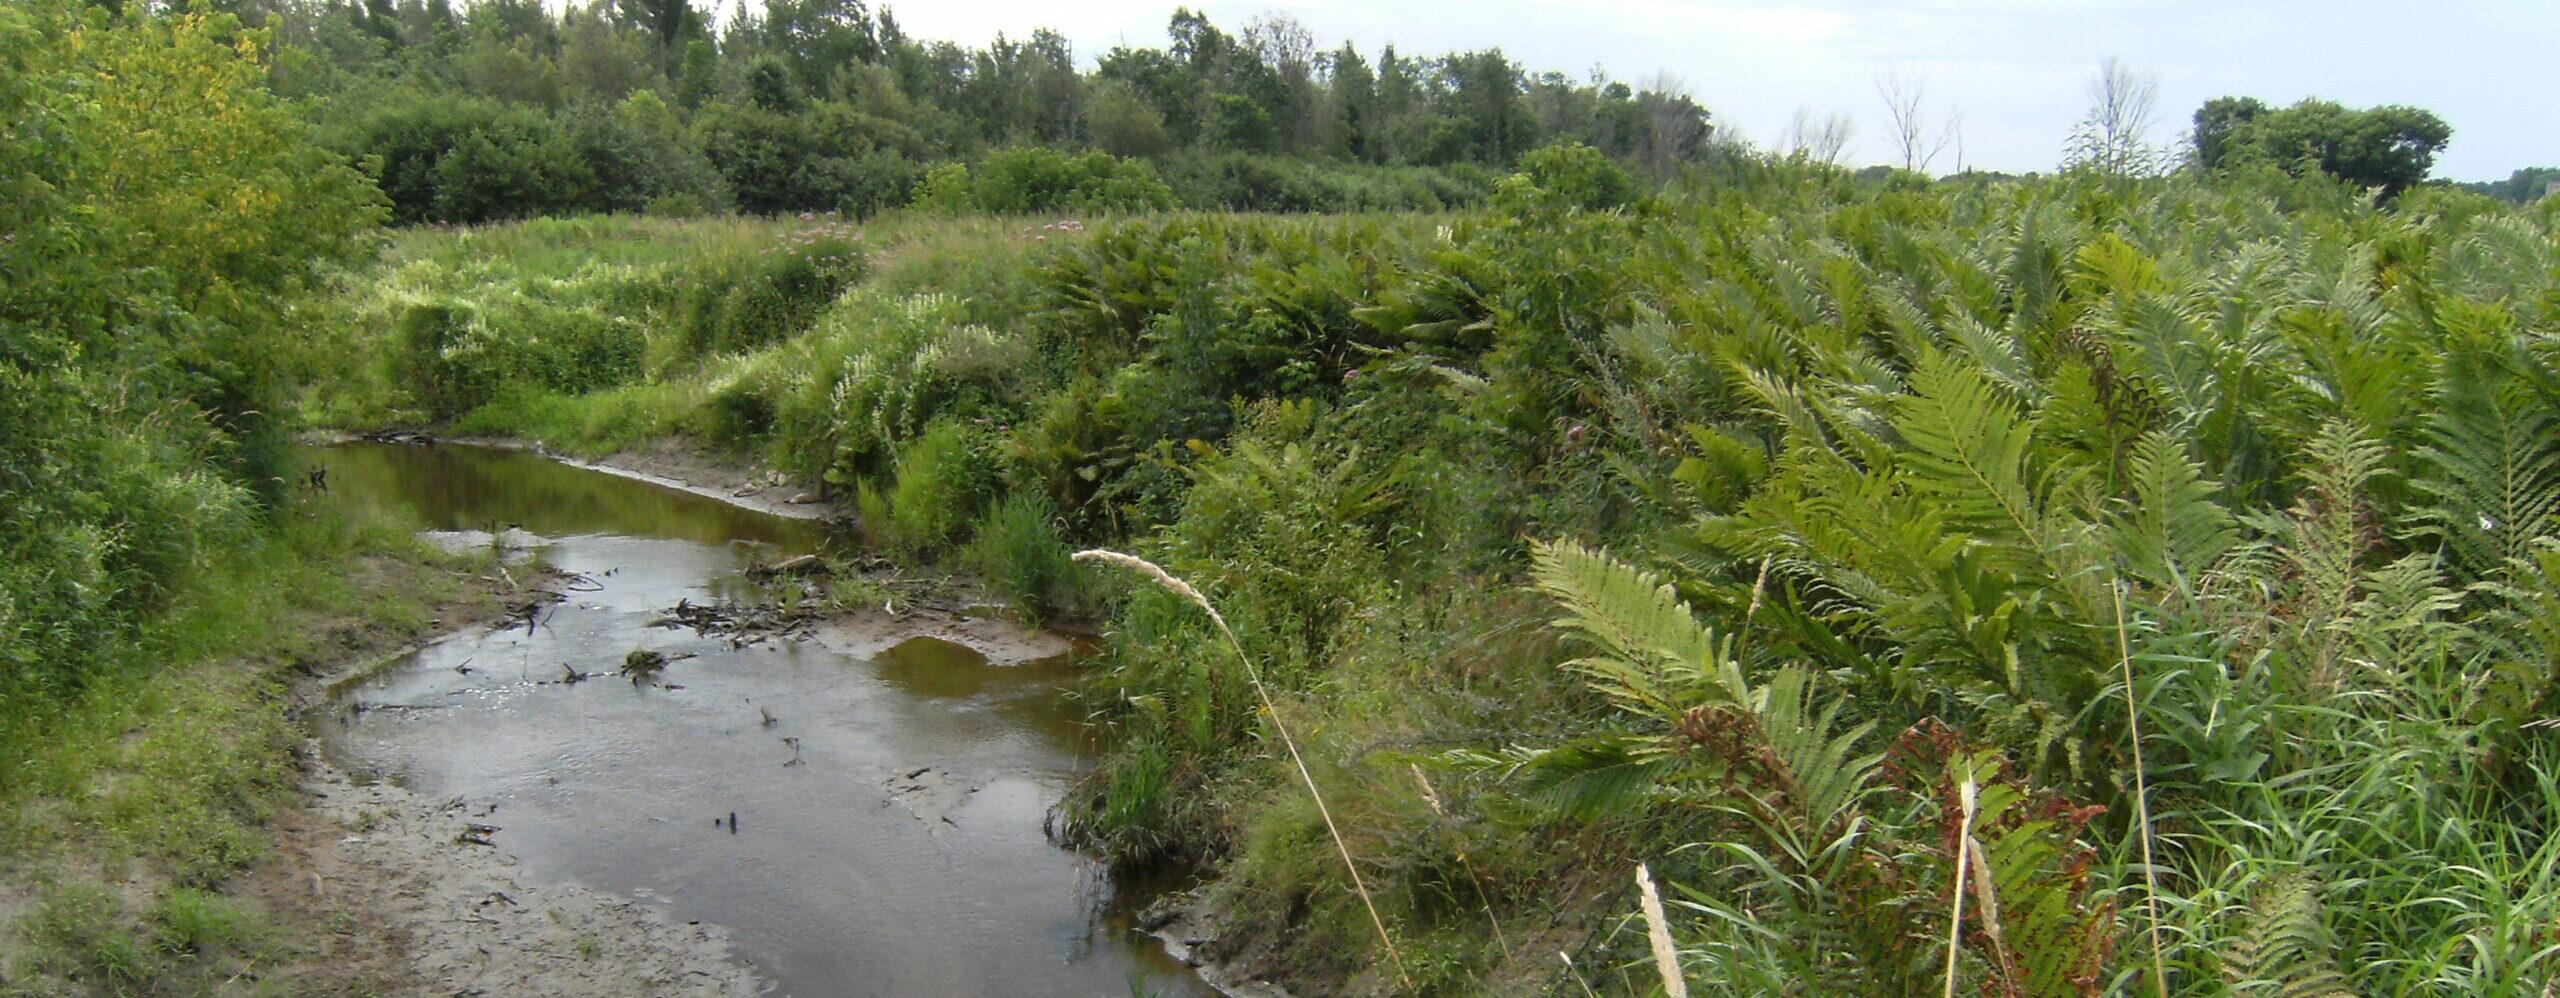 rivièrest-germain